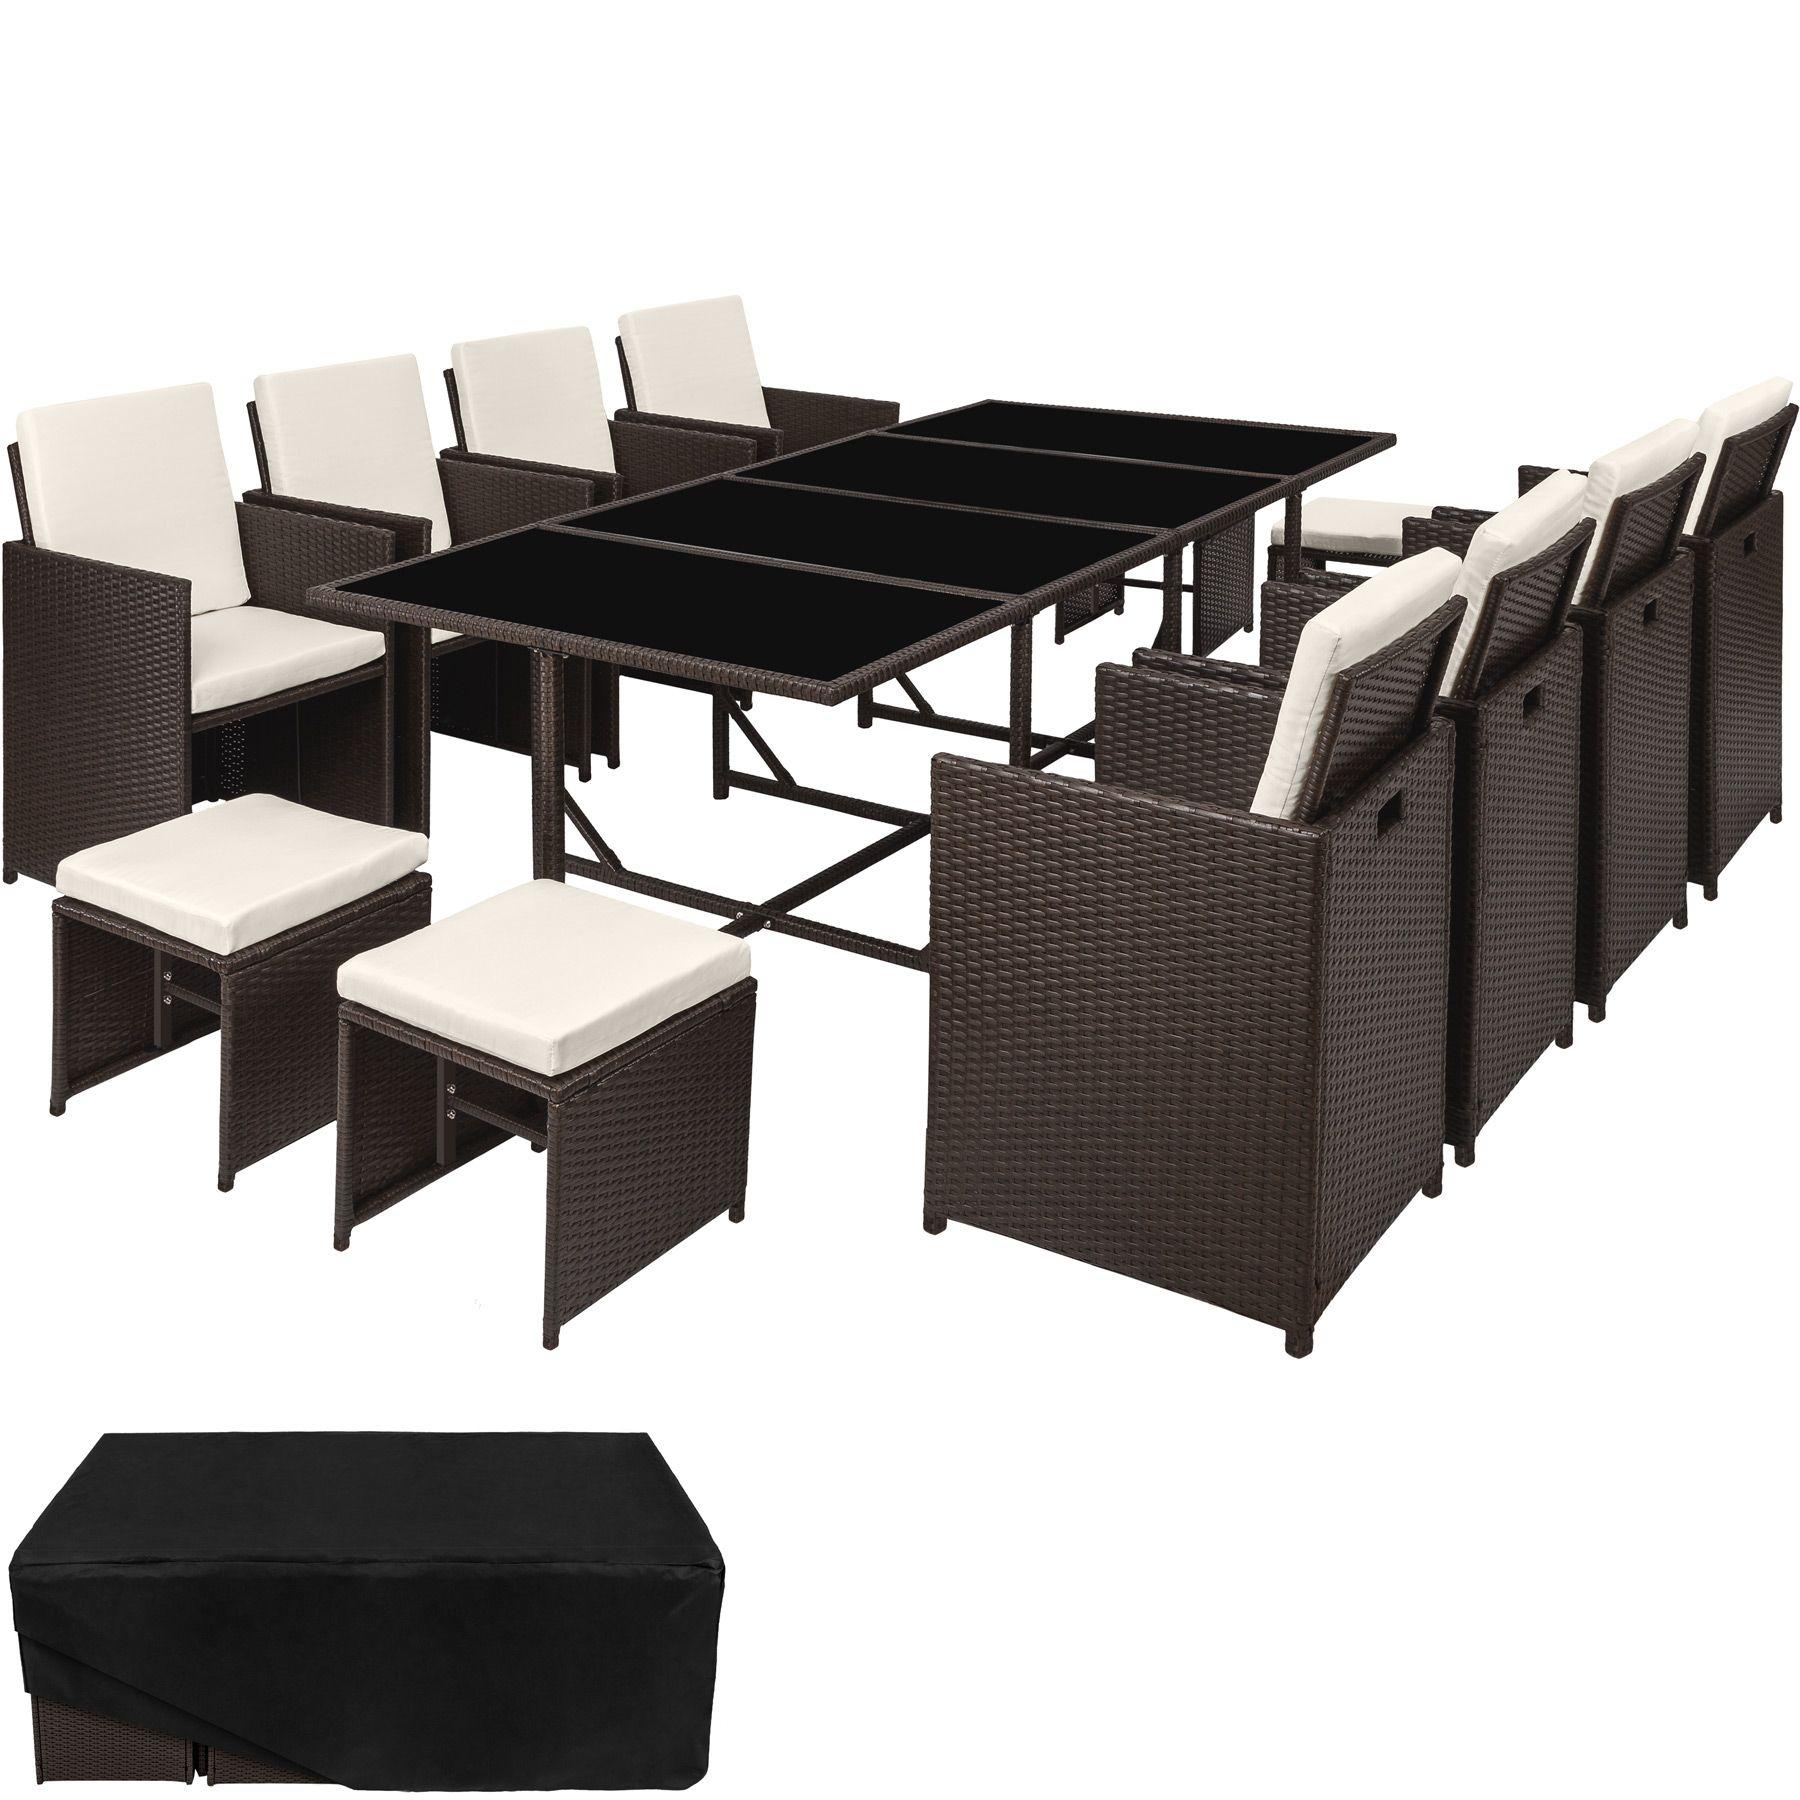 Conjunto muebles de jardín terraza 8x silla taburetes mesa ratán ...